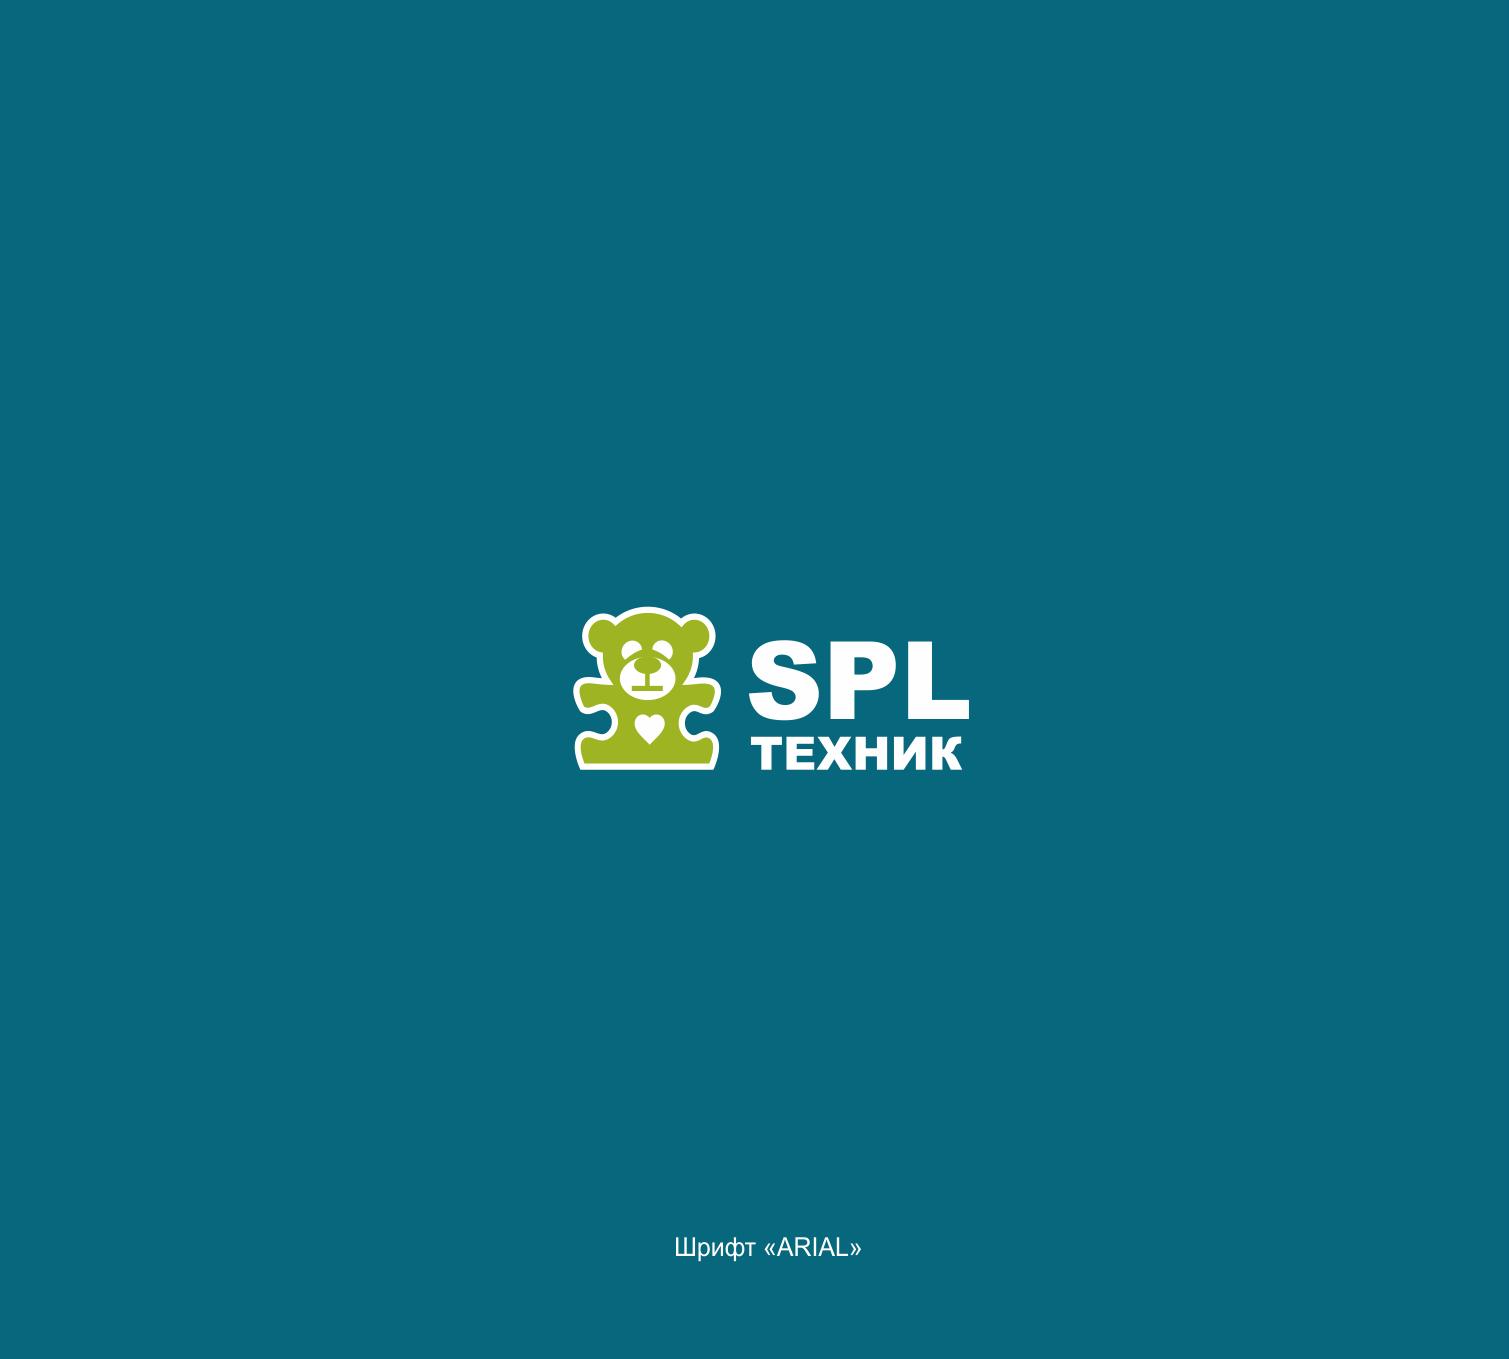 Разработка логотипа и фирменного стиля фото f_81059b6a537d9692.png